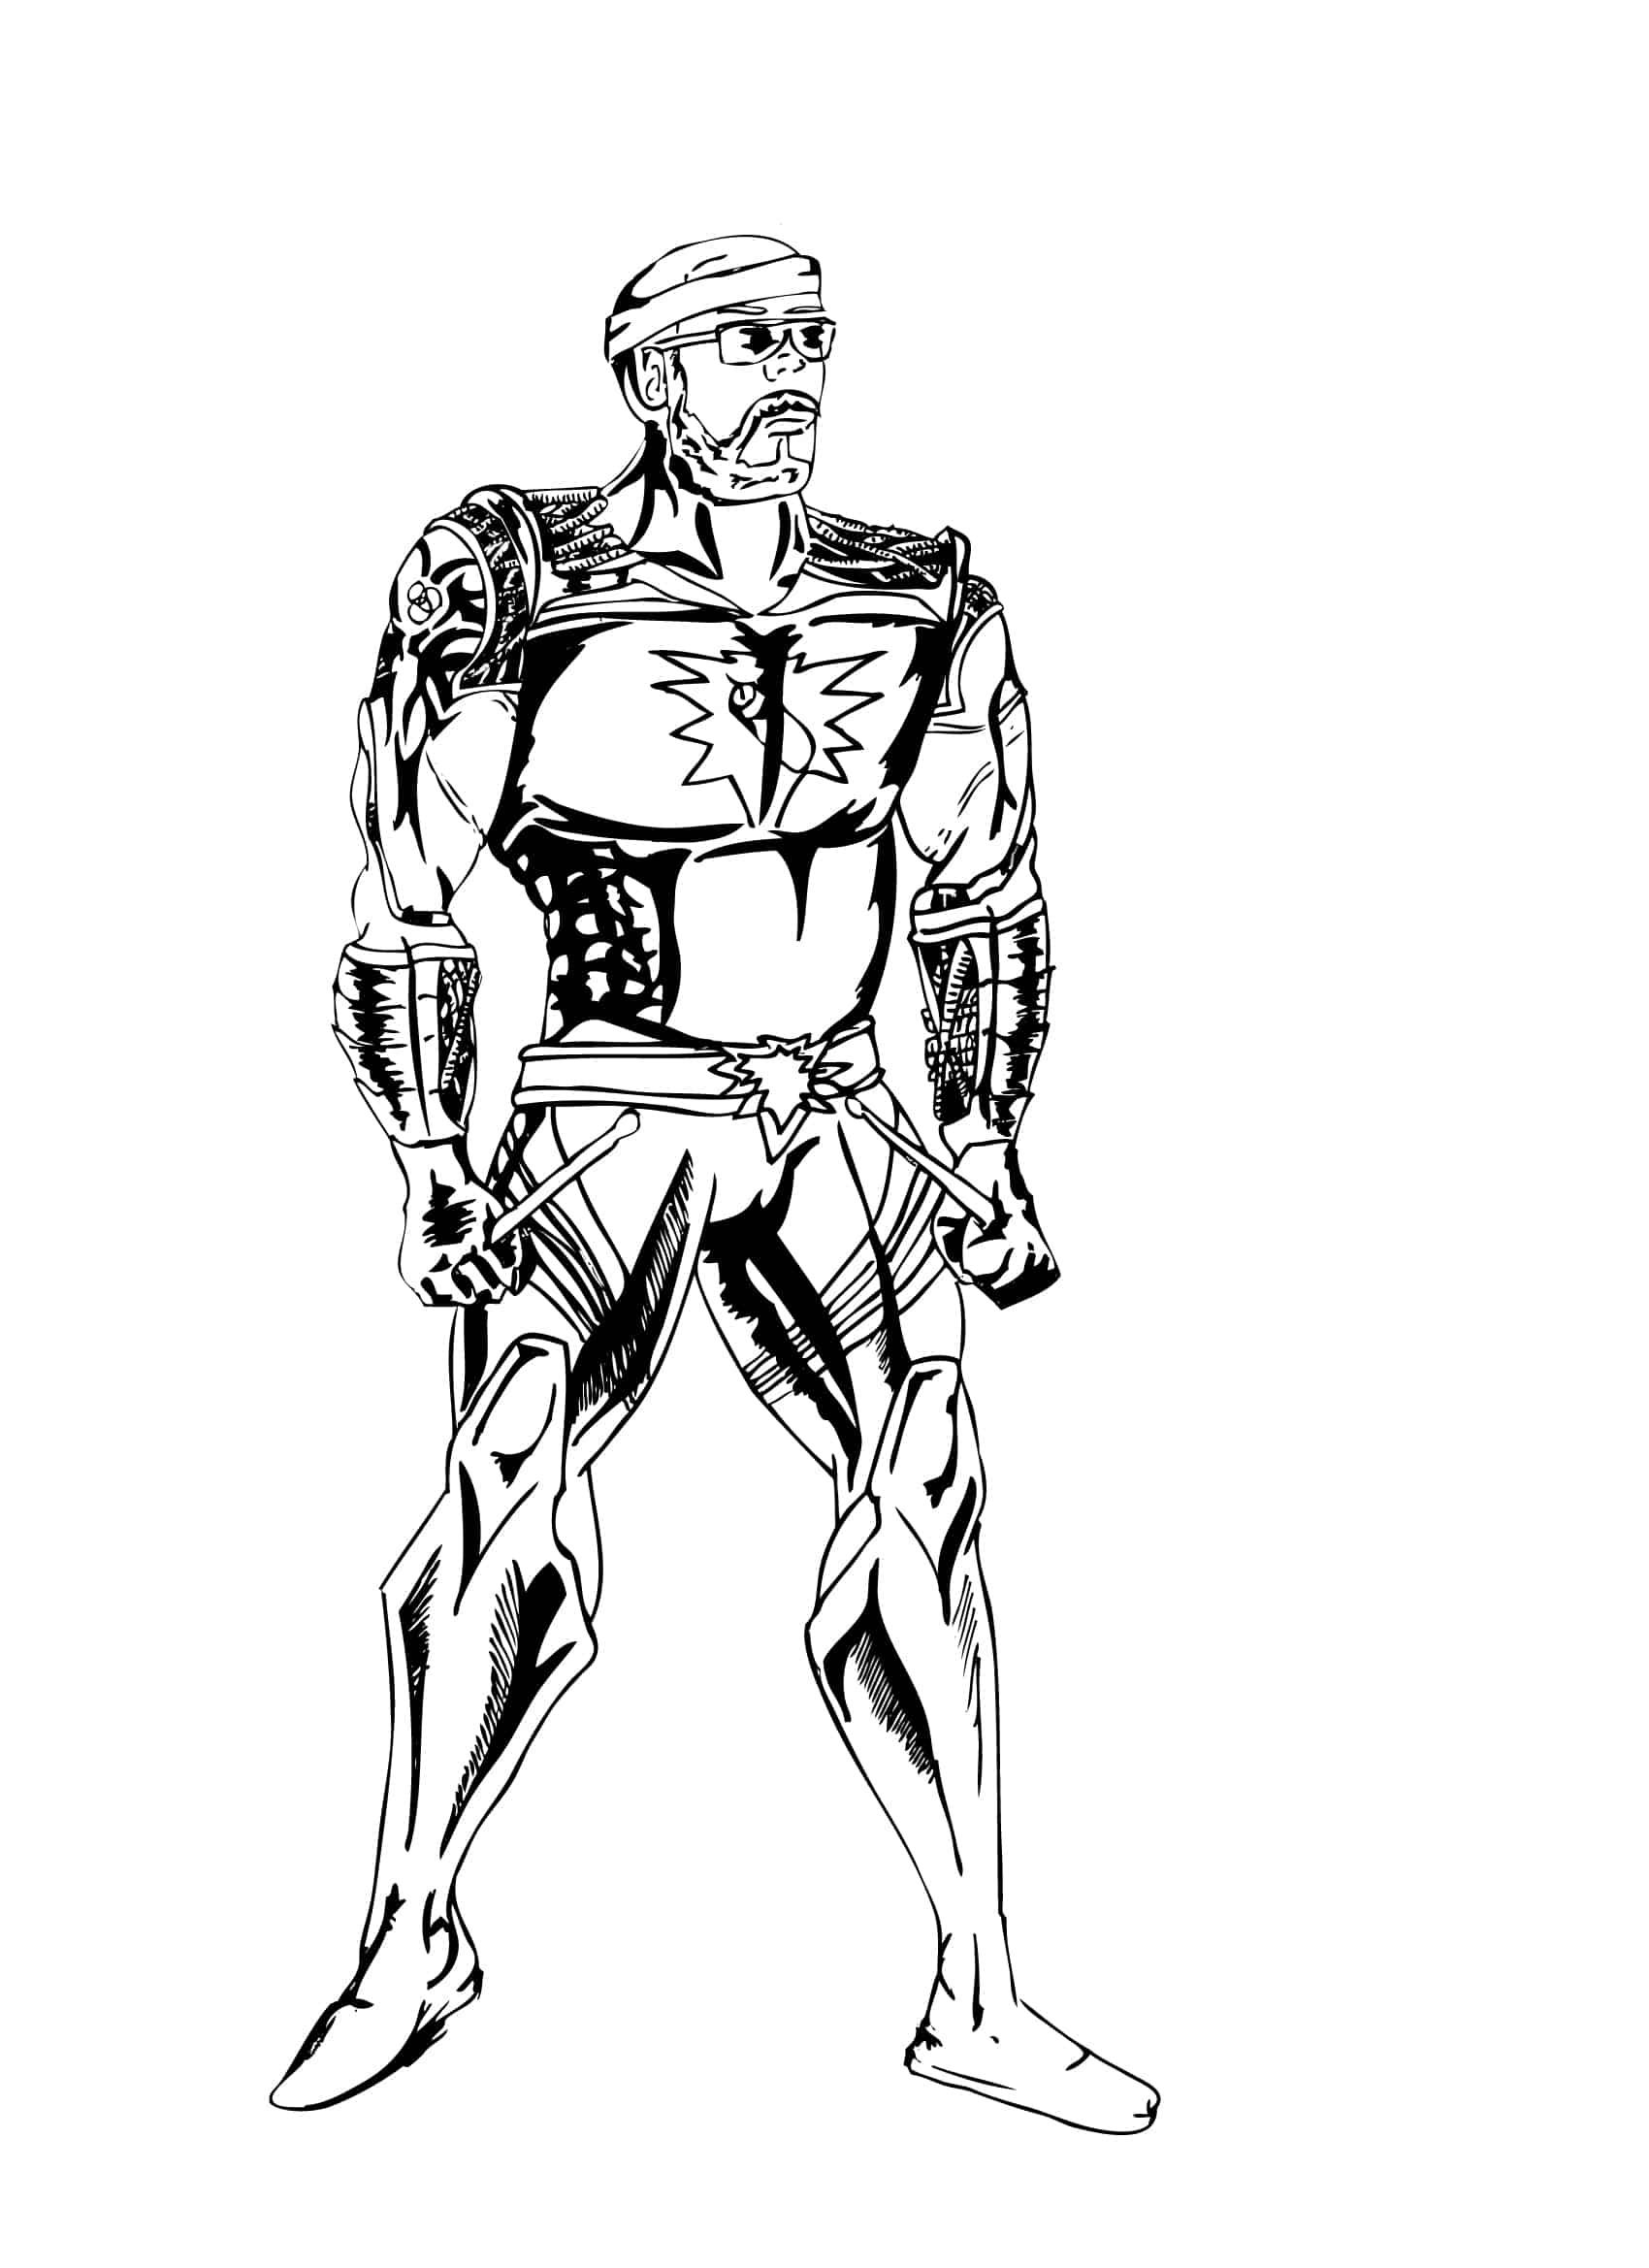 chris inked superhero 1ai